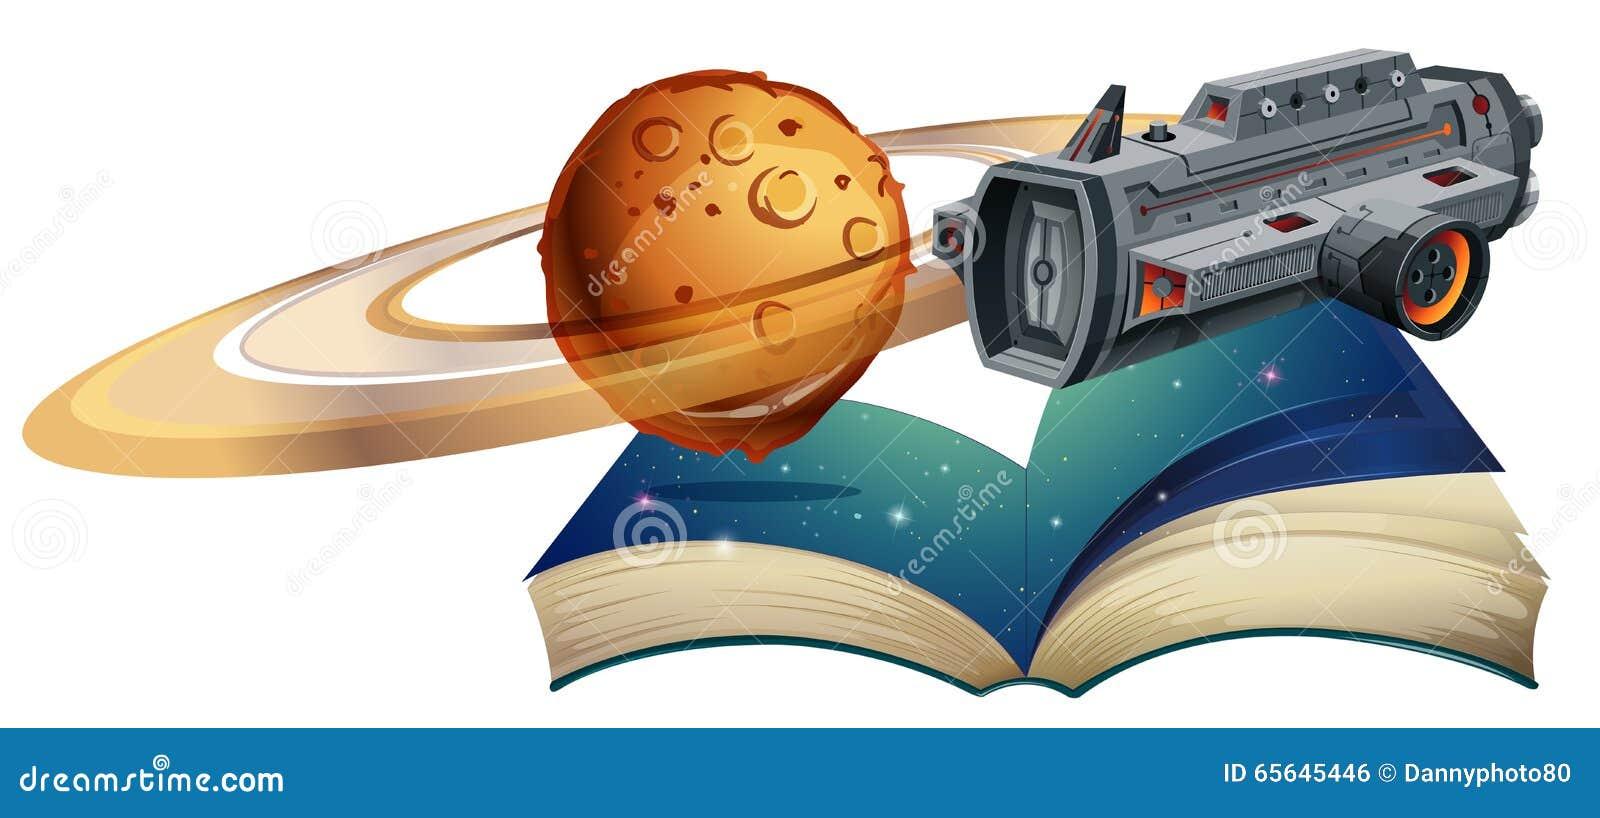 Vol de vaisseau spatial autour de la planète